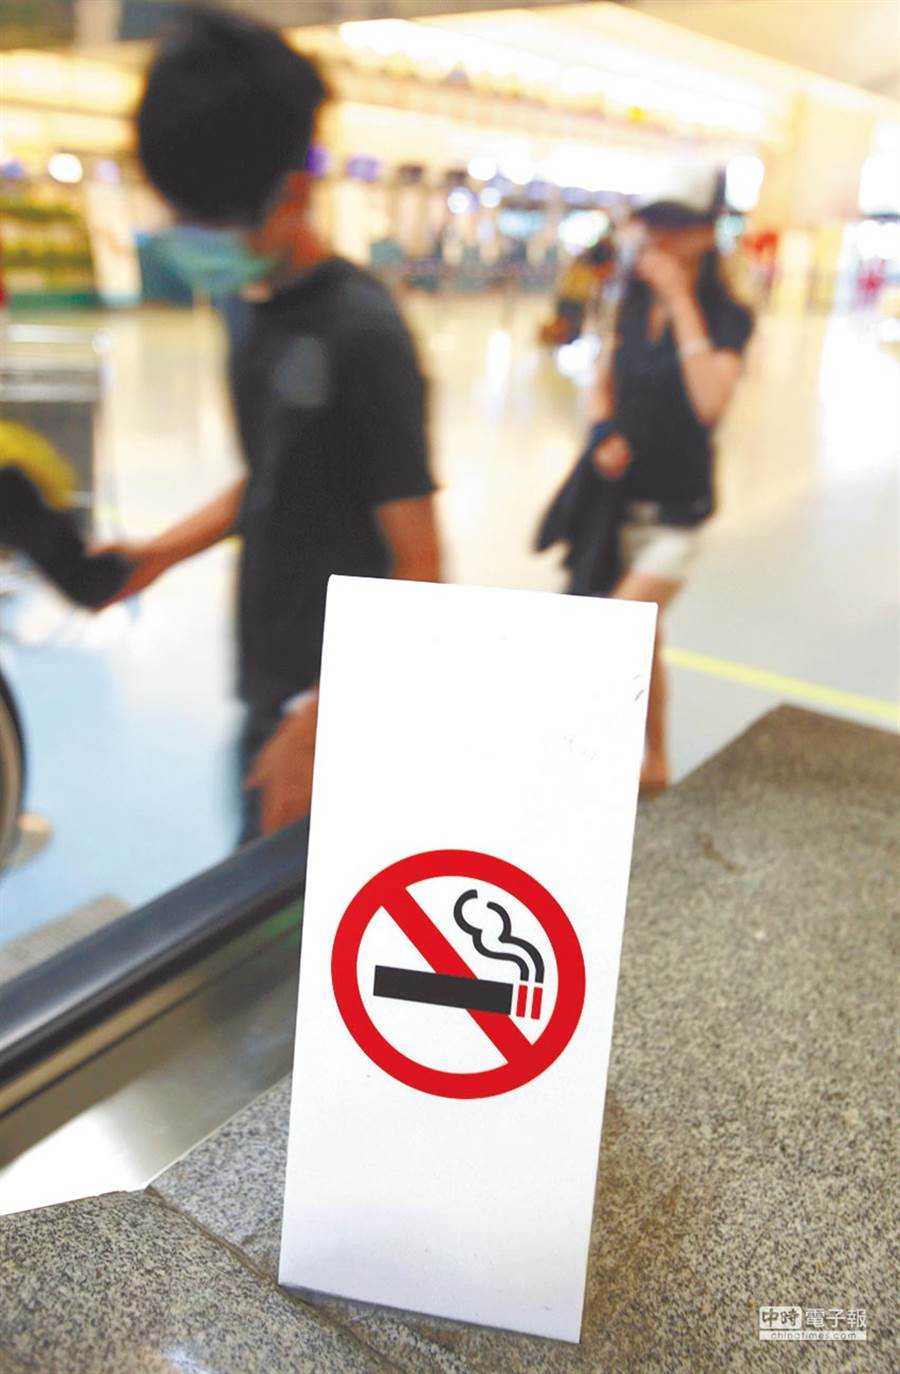 衛福部國健署日前預告《菸害防制法》修正草案,將原先「特例」可吸菸的室內空間全刪除,根據本報最新民調顯示,超過6成民眾支持修法。(本報資料照片)